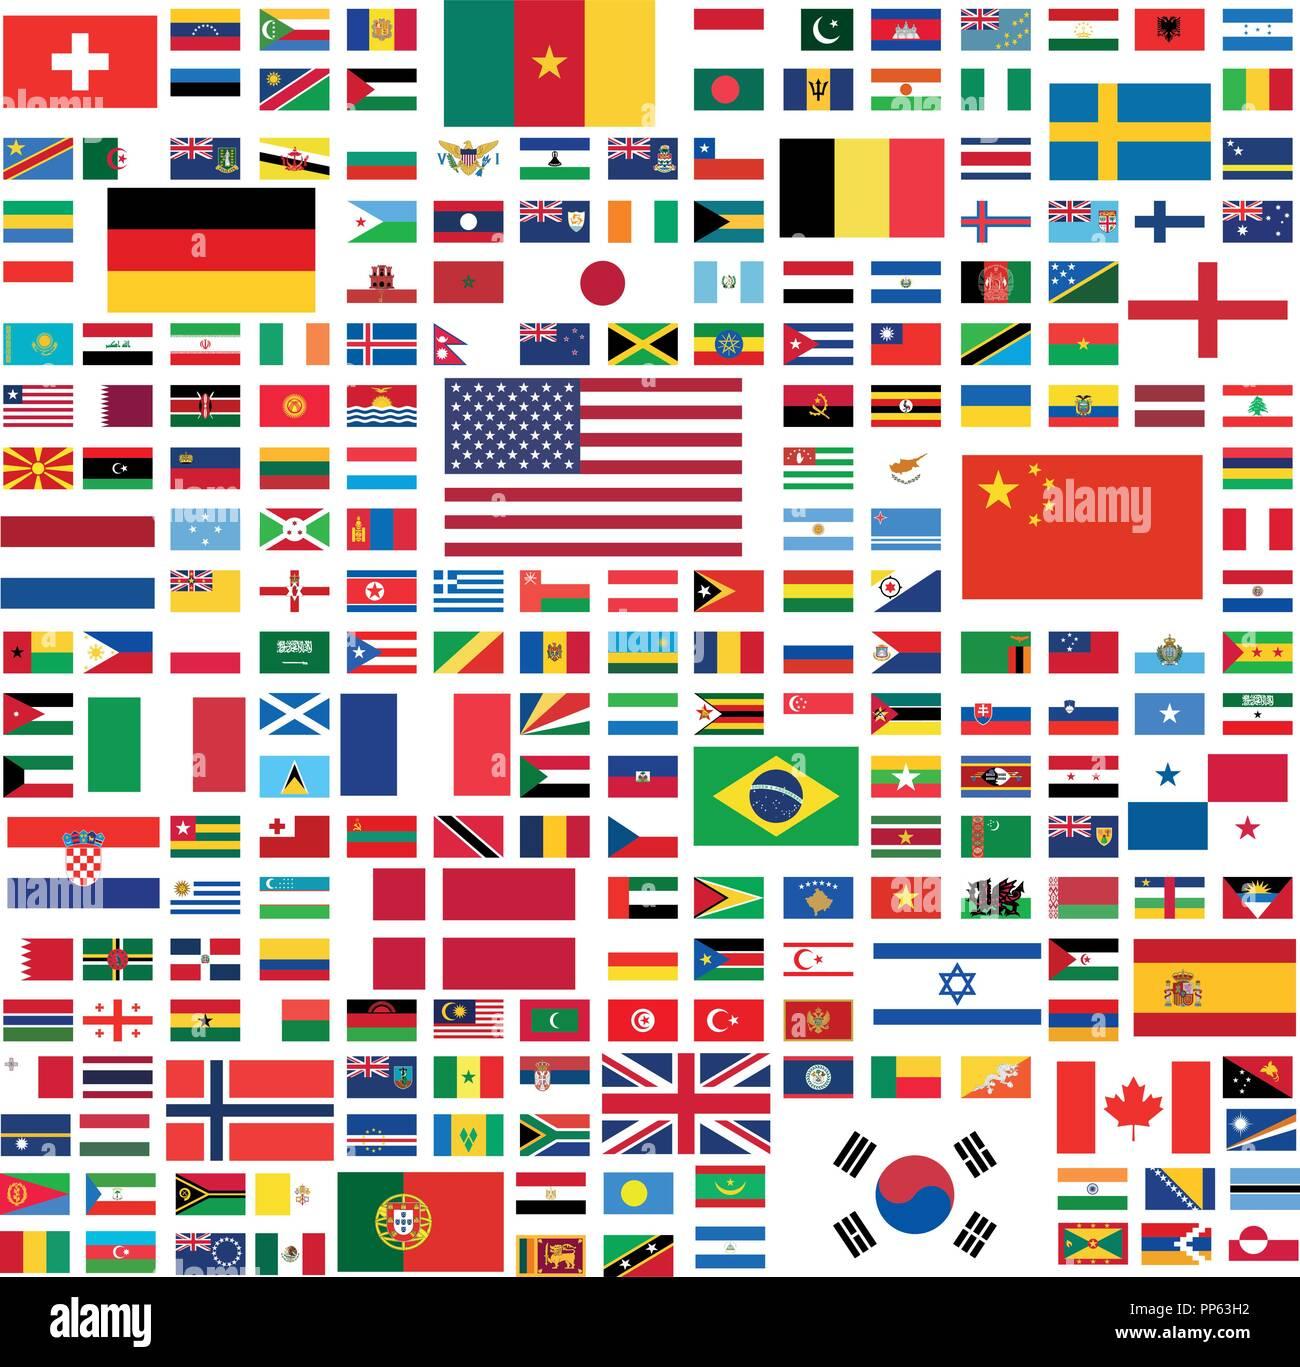 Alle Nationalen Flaggen Der Welt Mit Namen In Hoher Qualität Vektor